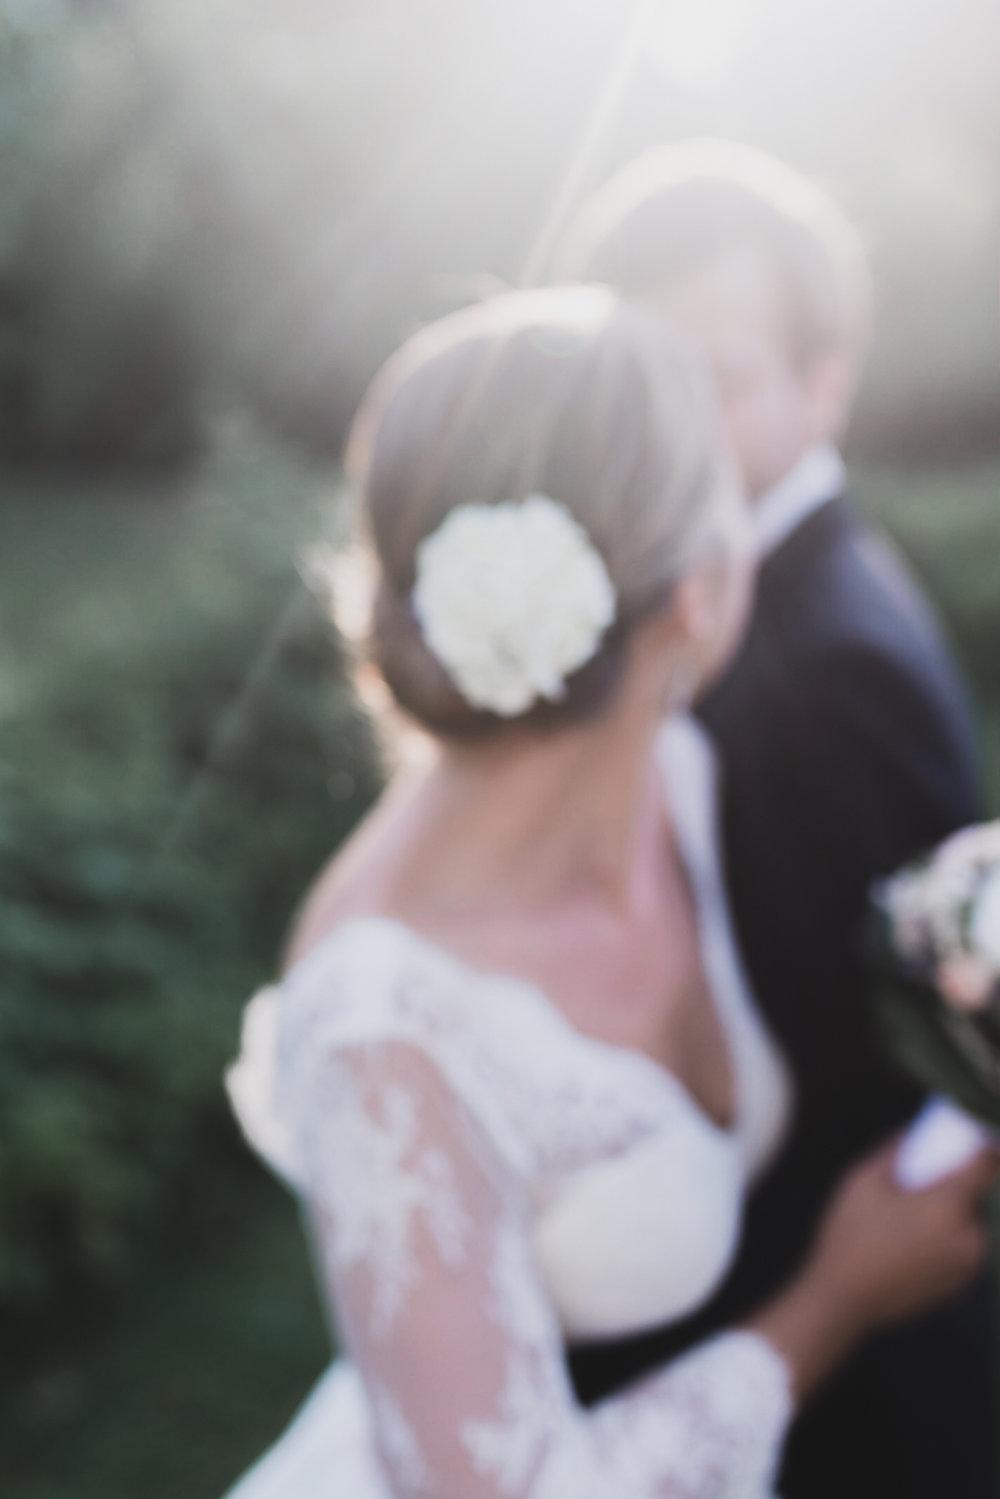 hochzeitsfotograf_wien_heiraten-83.jpg